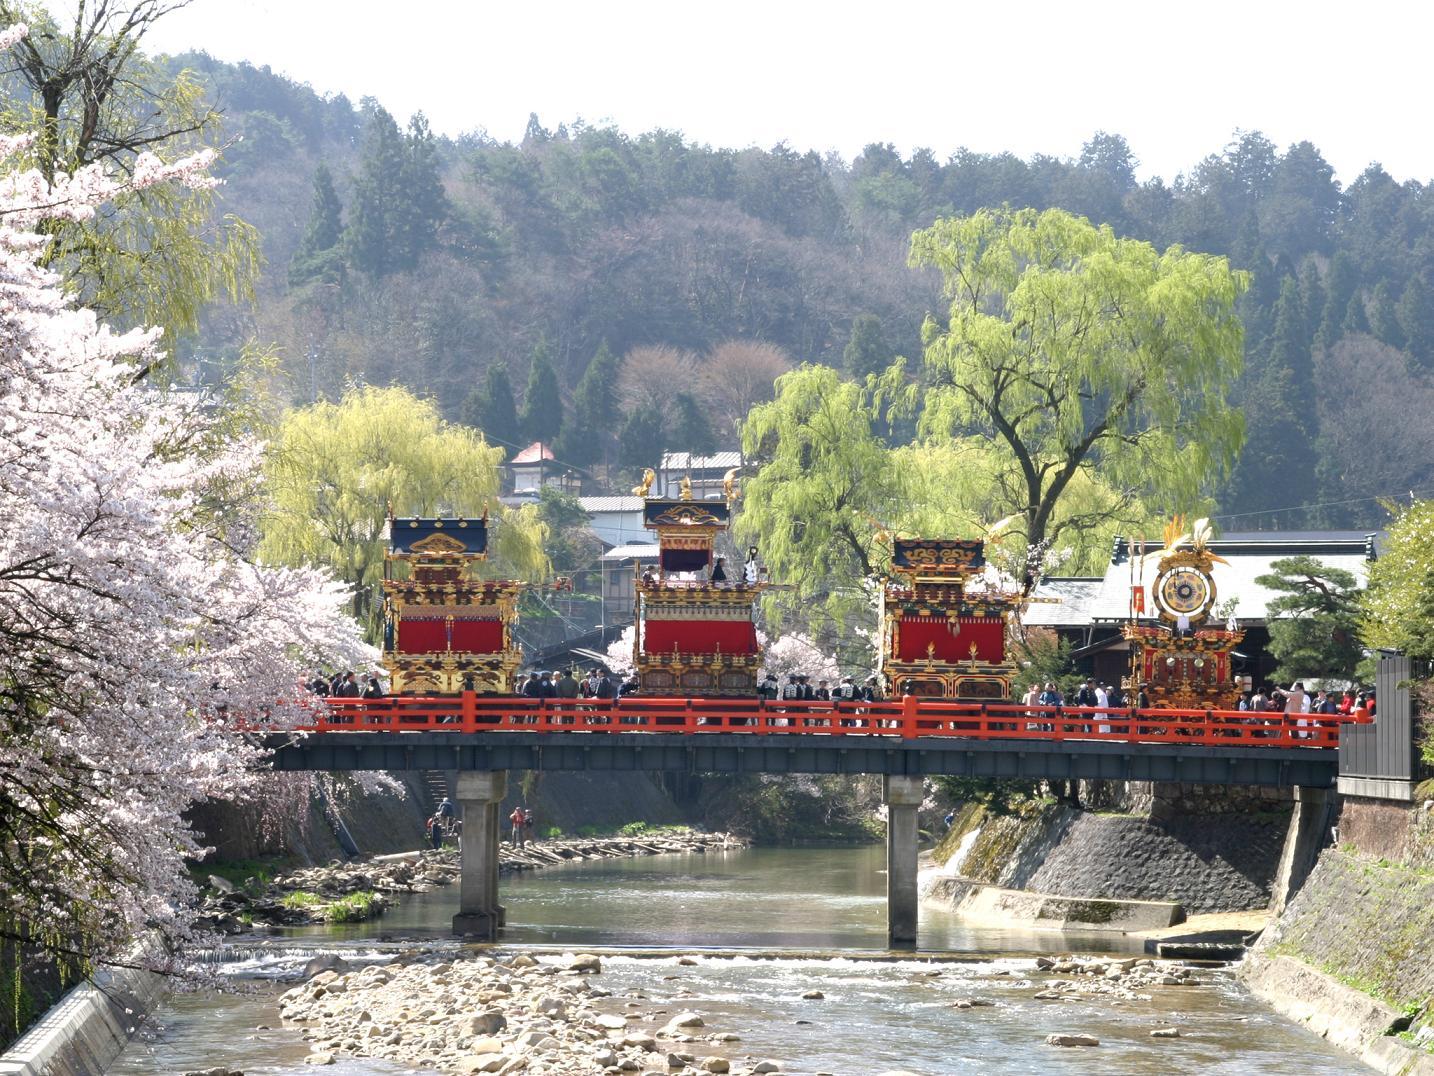 高山祭は春と秋の2回開催!日程は?二つの違いや見所も紹介!